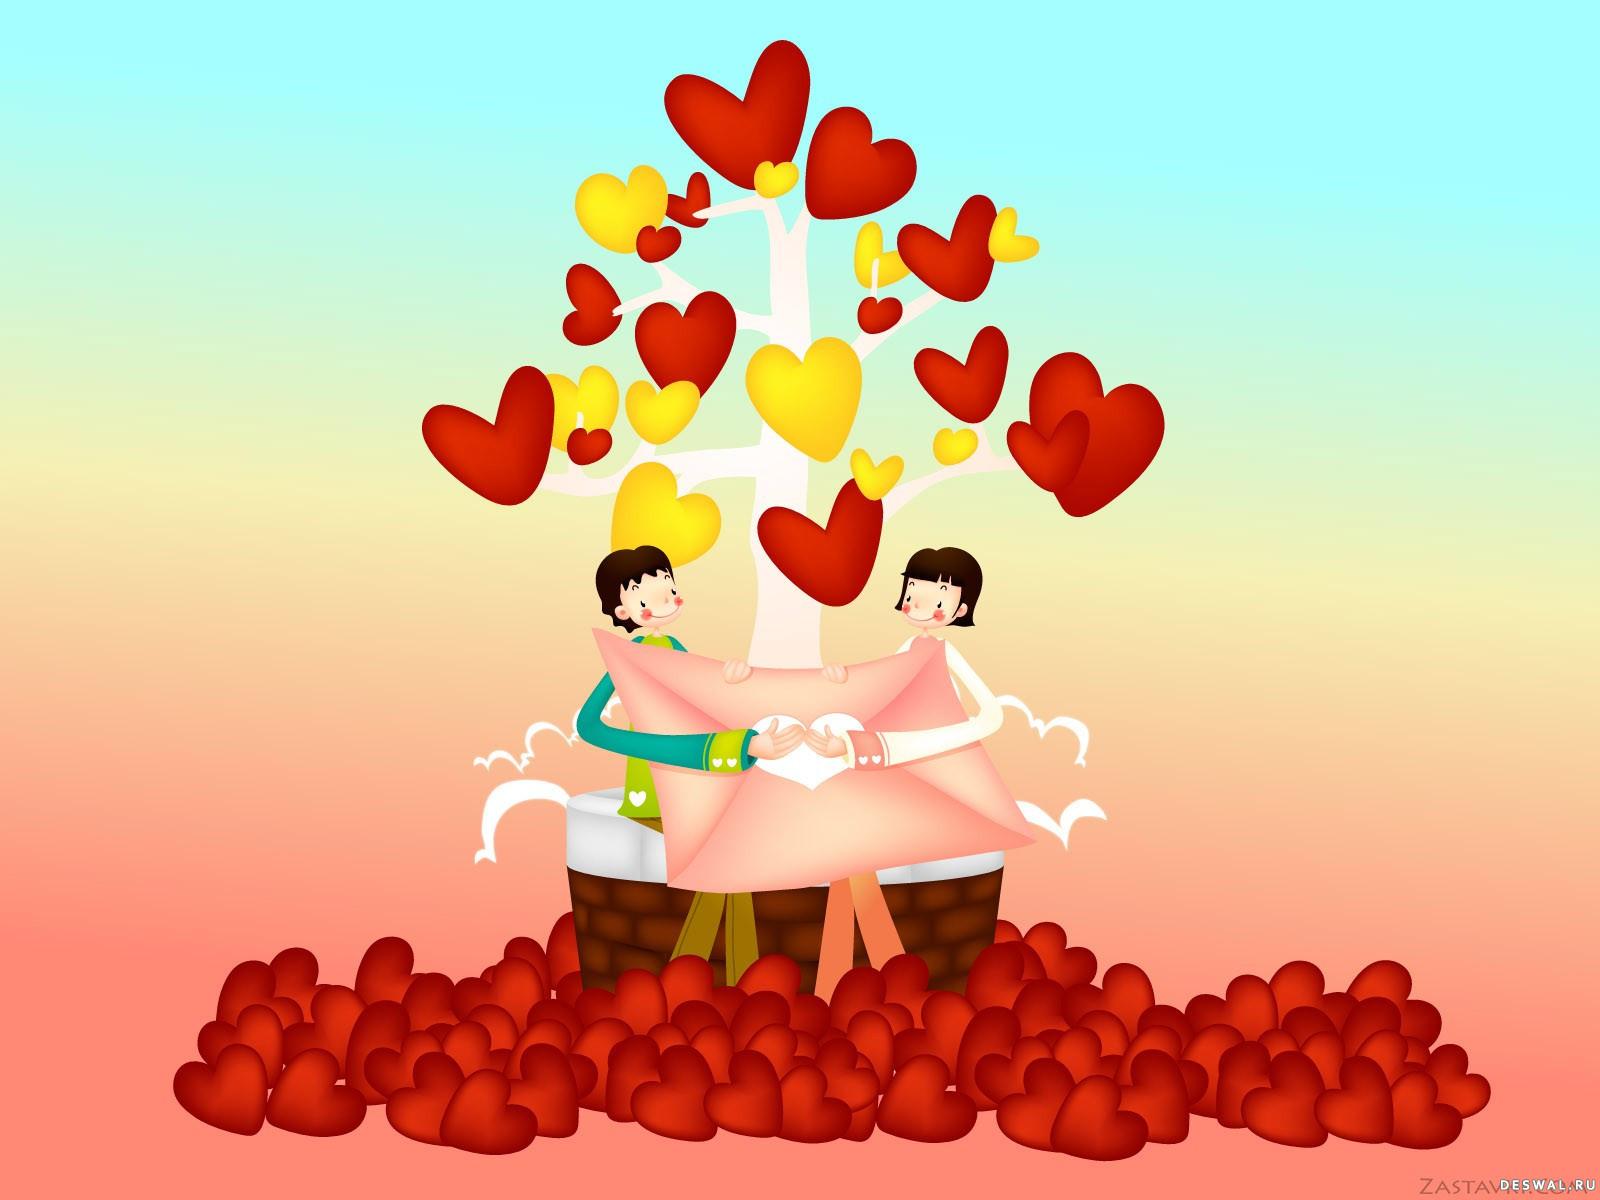 Фото 41. Нажмите на картинку с романтическими обоями - любовь, чтобы просмотреть ее в реальном размере